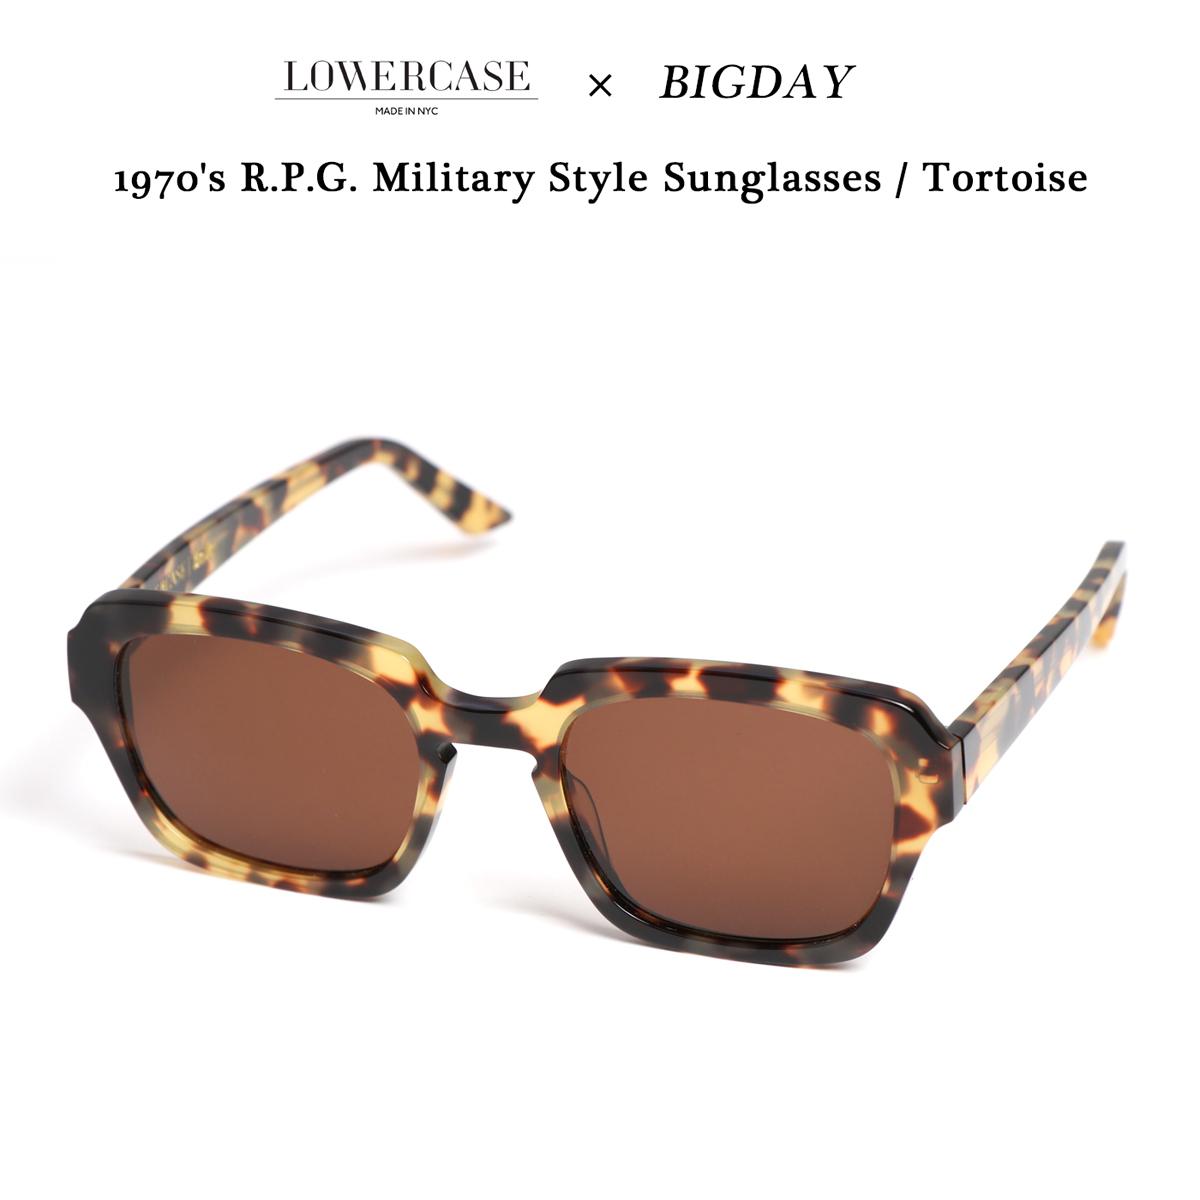 LOWERCASE(ローワーケース)×BIGDAY 1970's R.P.G.ミリタリースタイル サングラス イエロートータス USA製